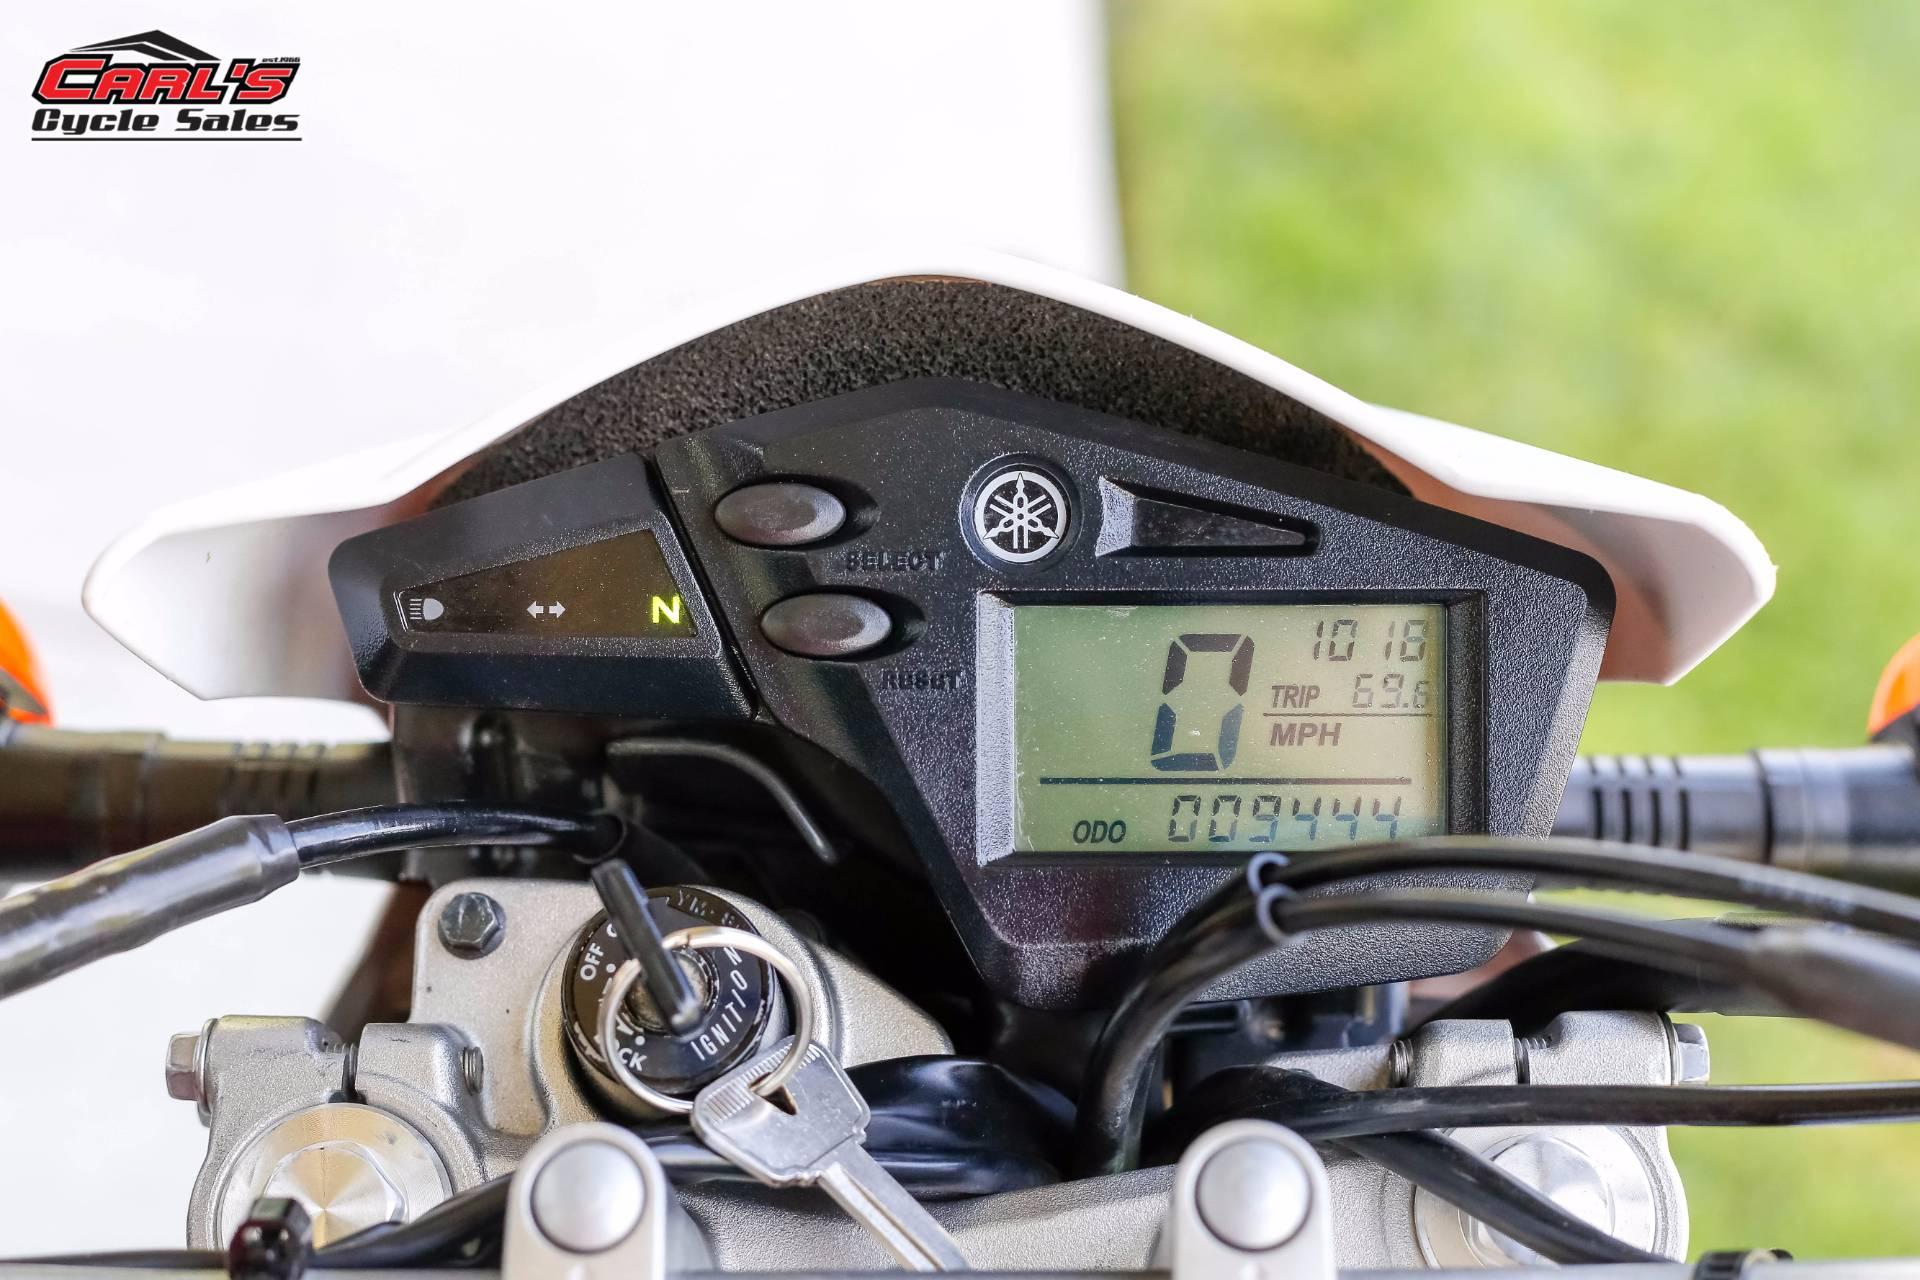 2010 Yamaha XT250 9